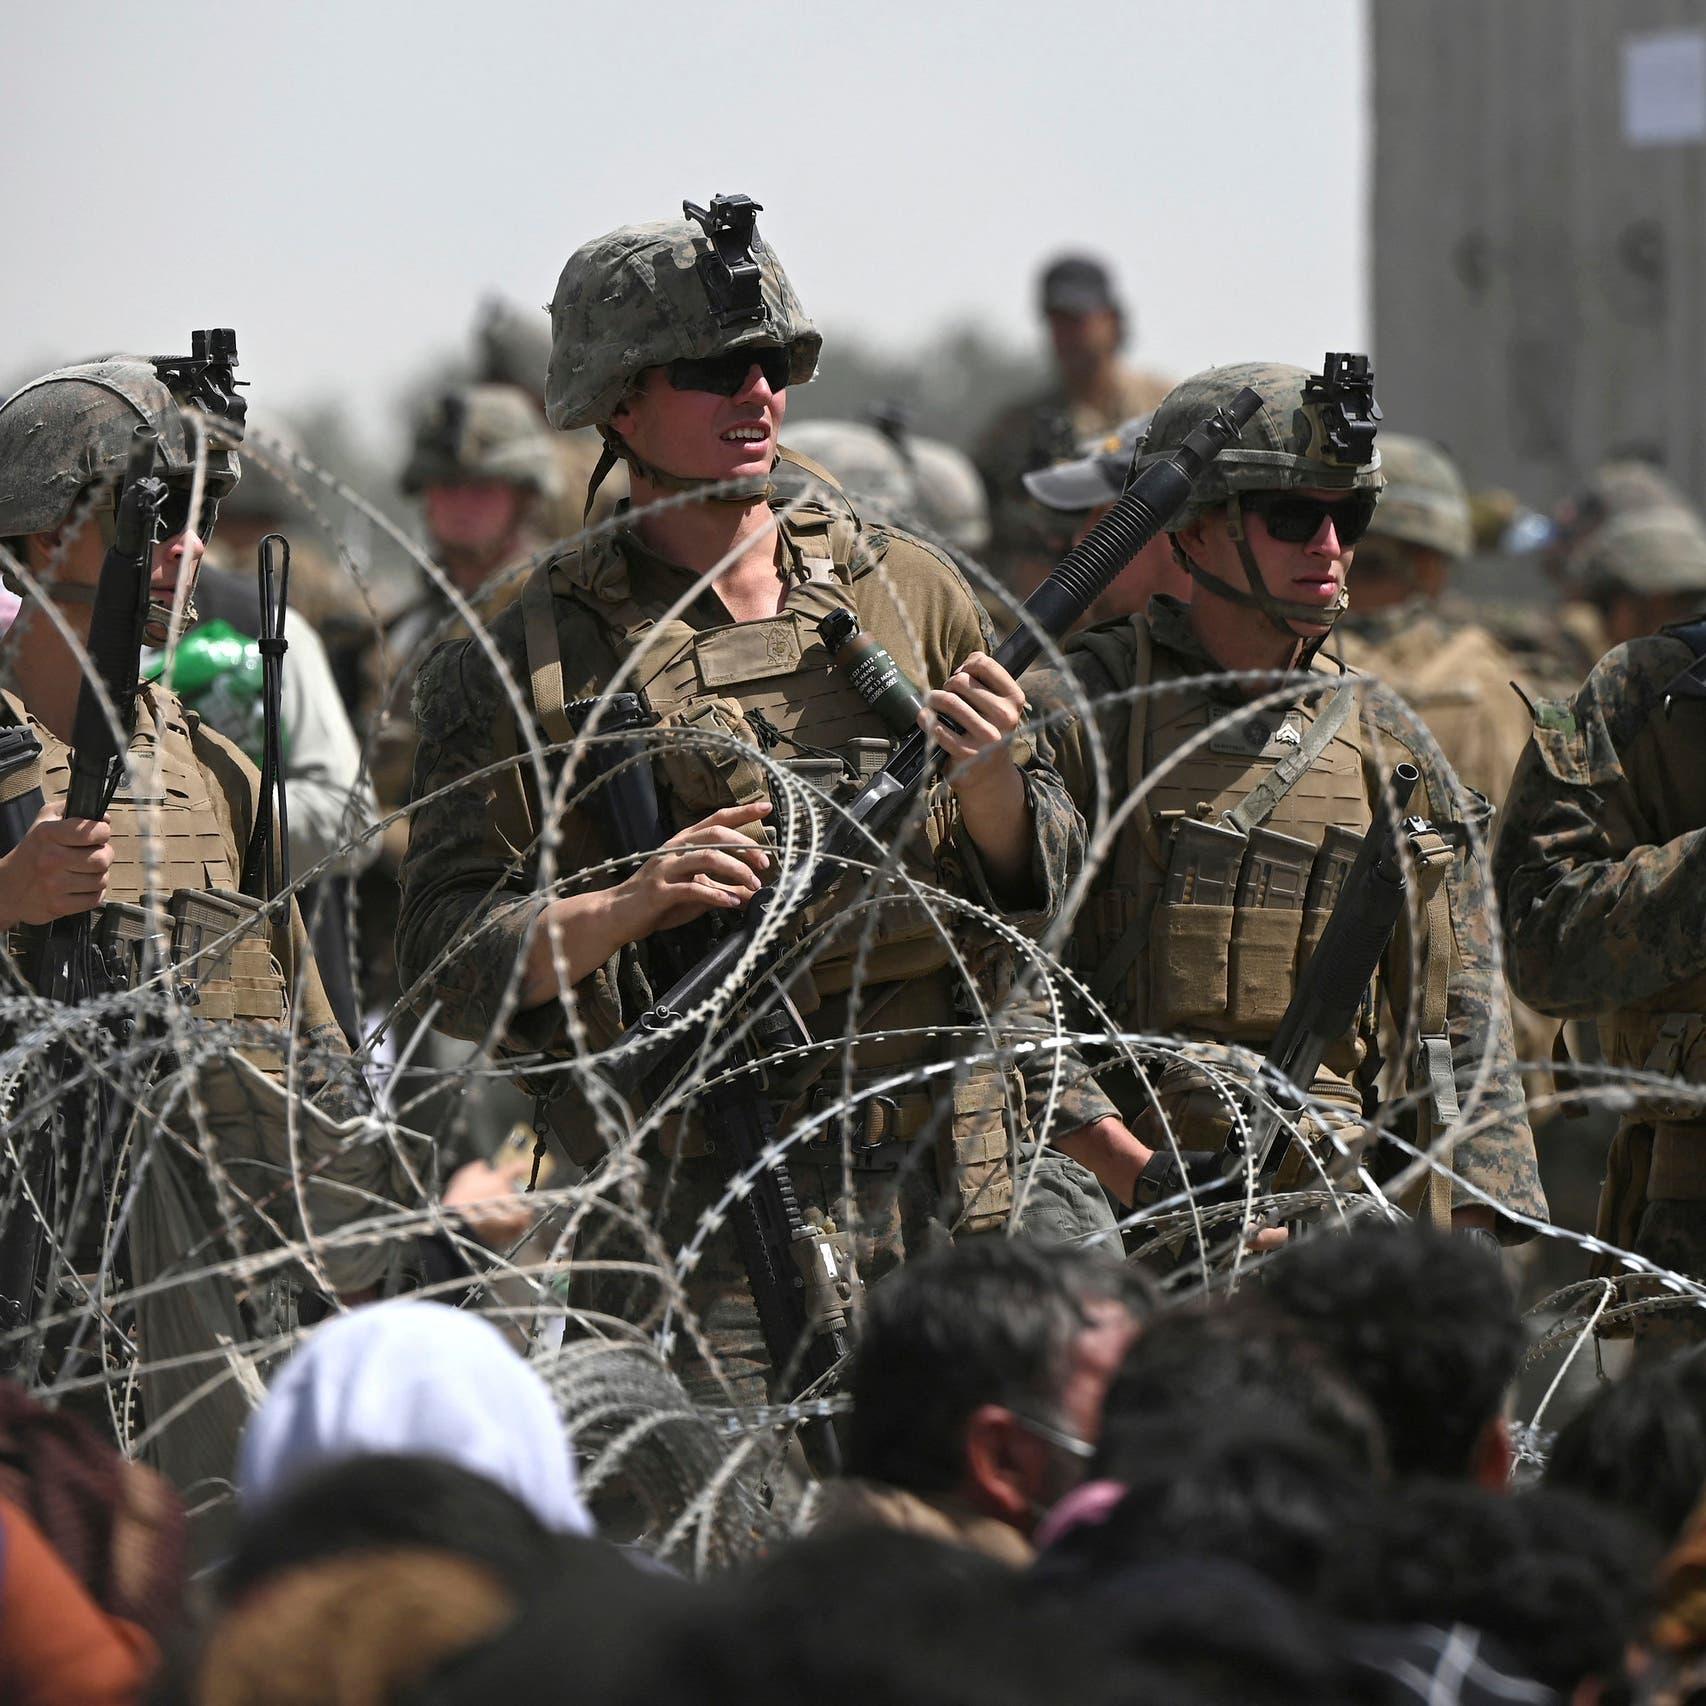 طالبان تحذر: تأخير انسحاب القوات الأجنبية من أفغانستان خط أحمر